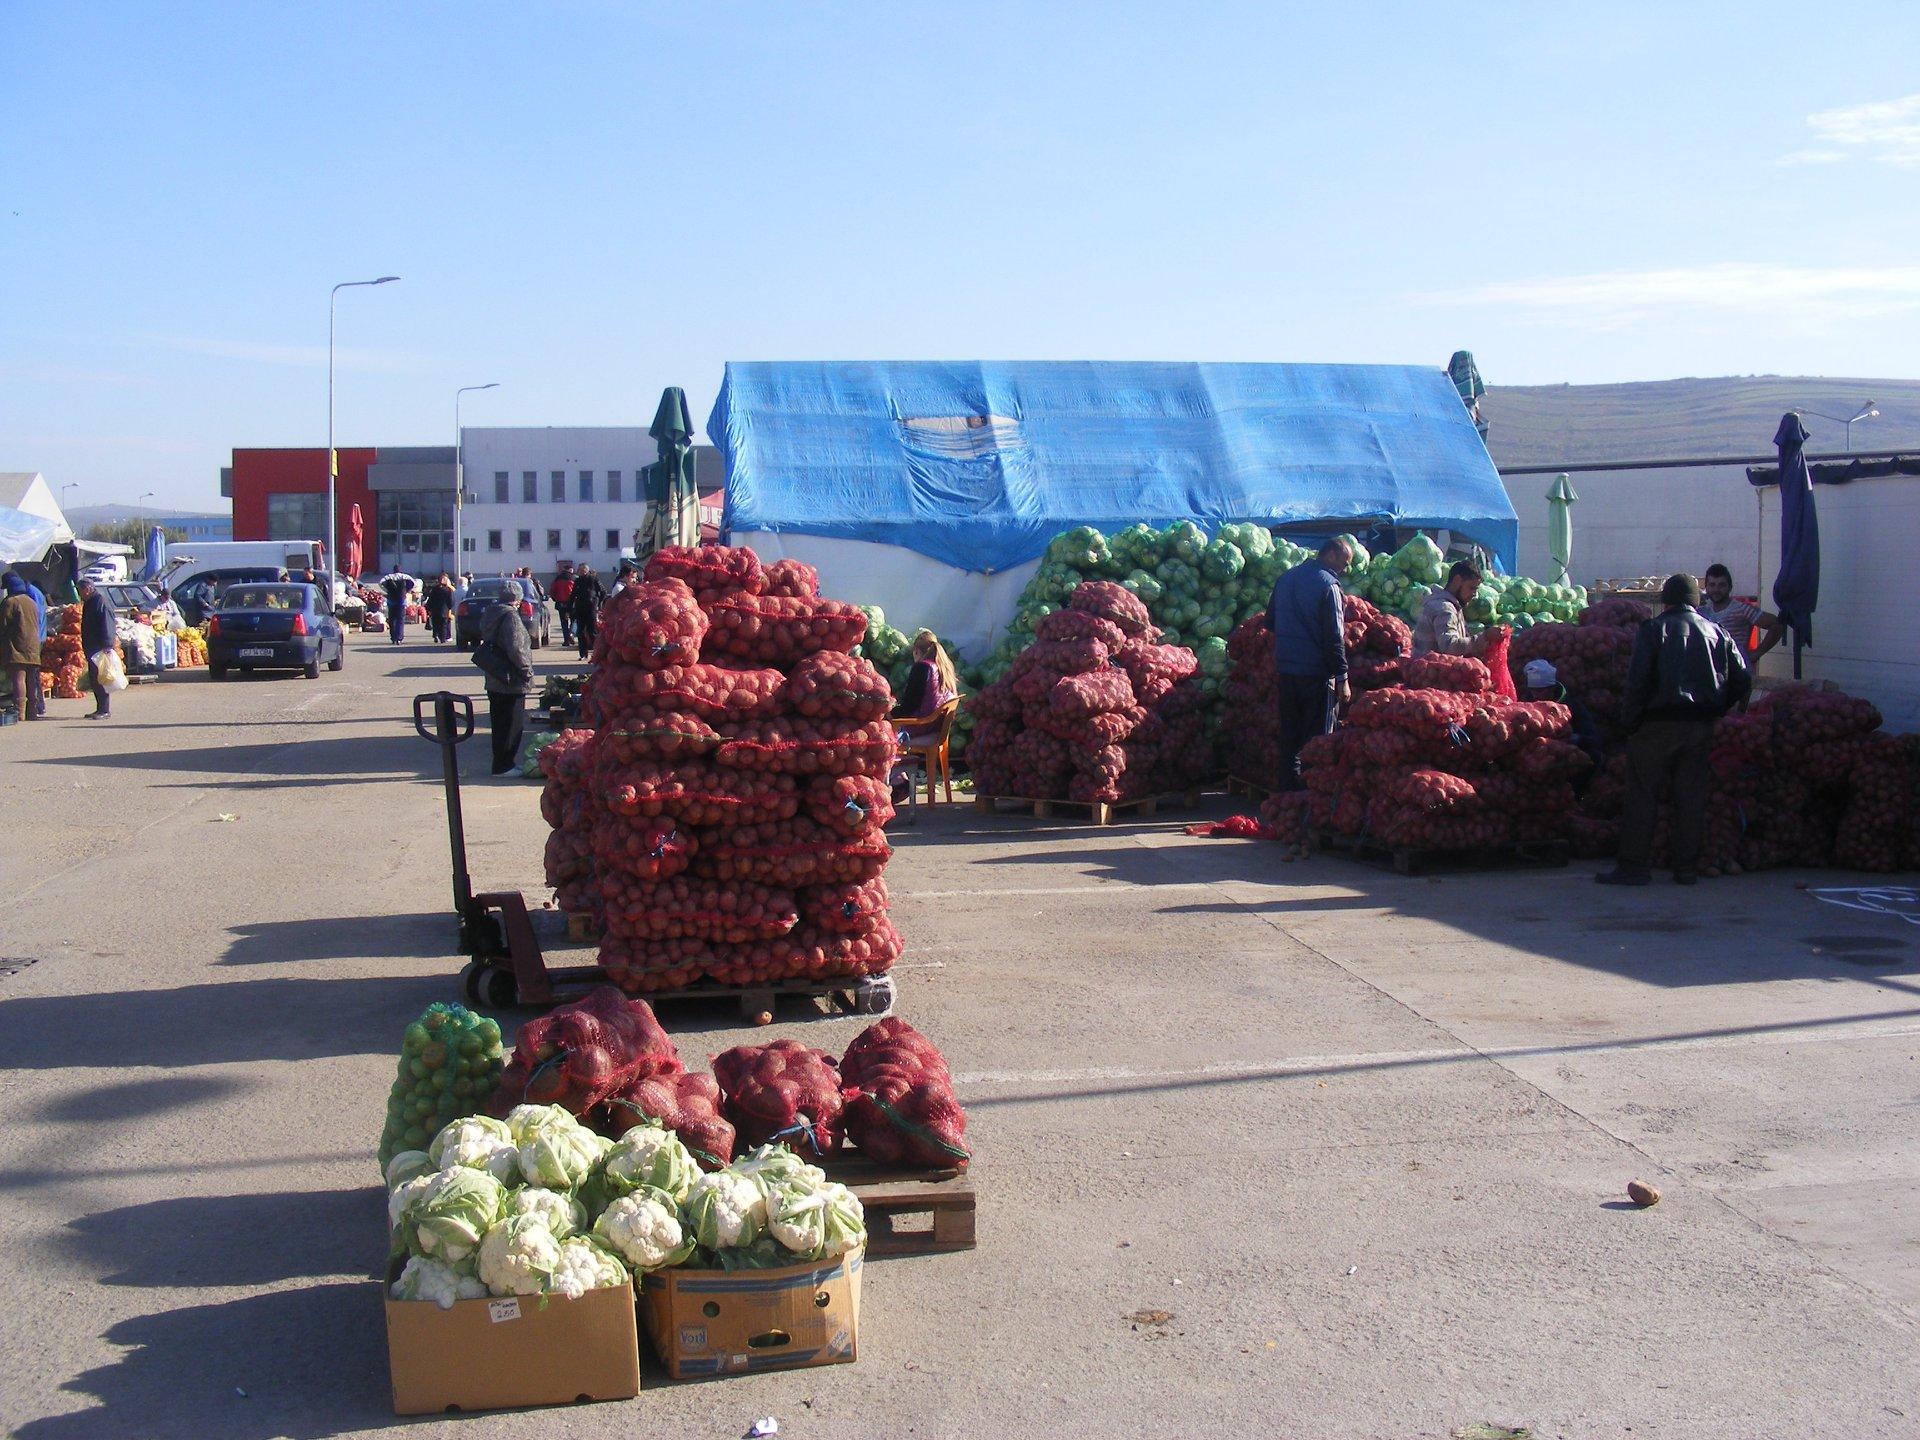 S-a deschis piața din Dezmir si îi așteaptă pe clujeni cu cele mai ieftine legume și fructe